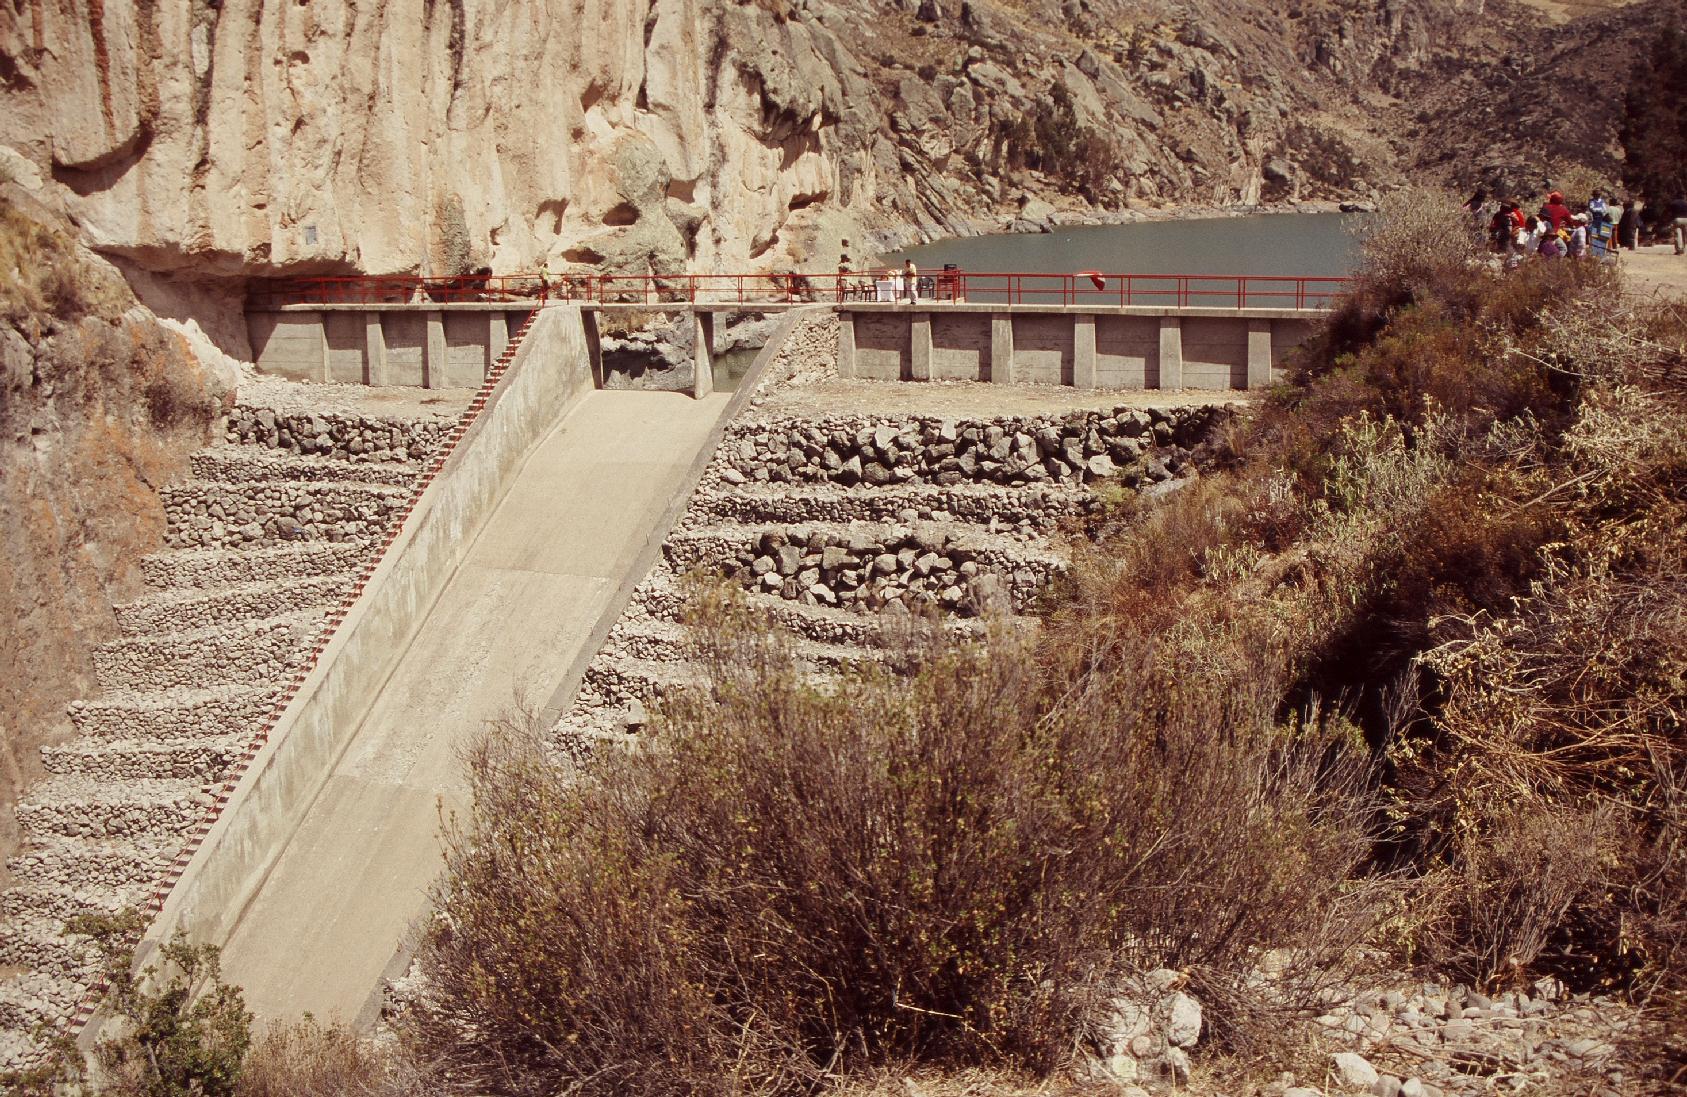 Luftseite des Staudamms mit Hochwasserüberlauf bei gefüllter Talsperre